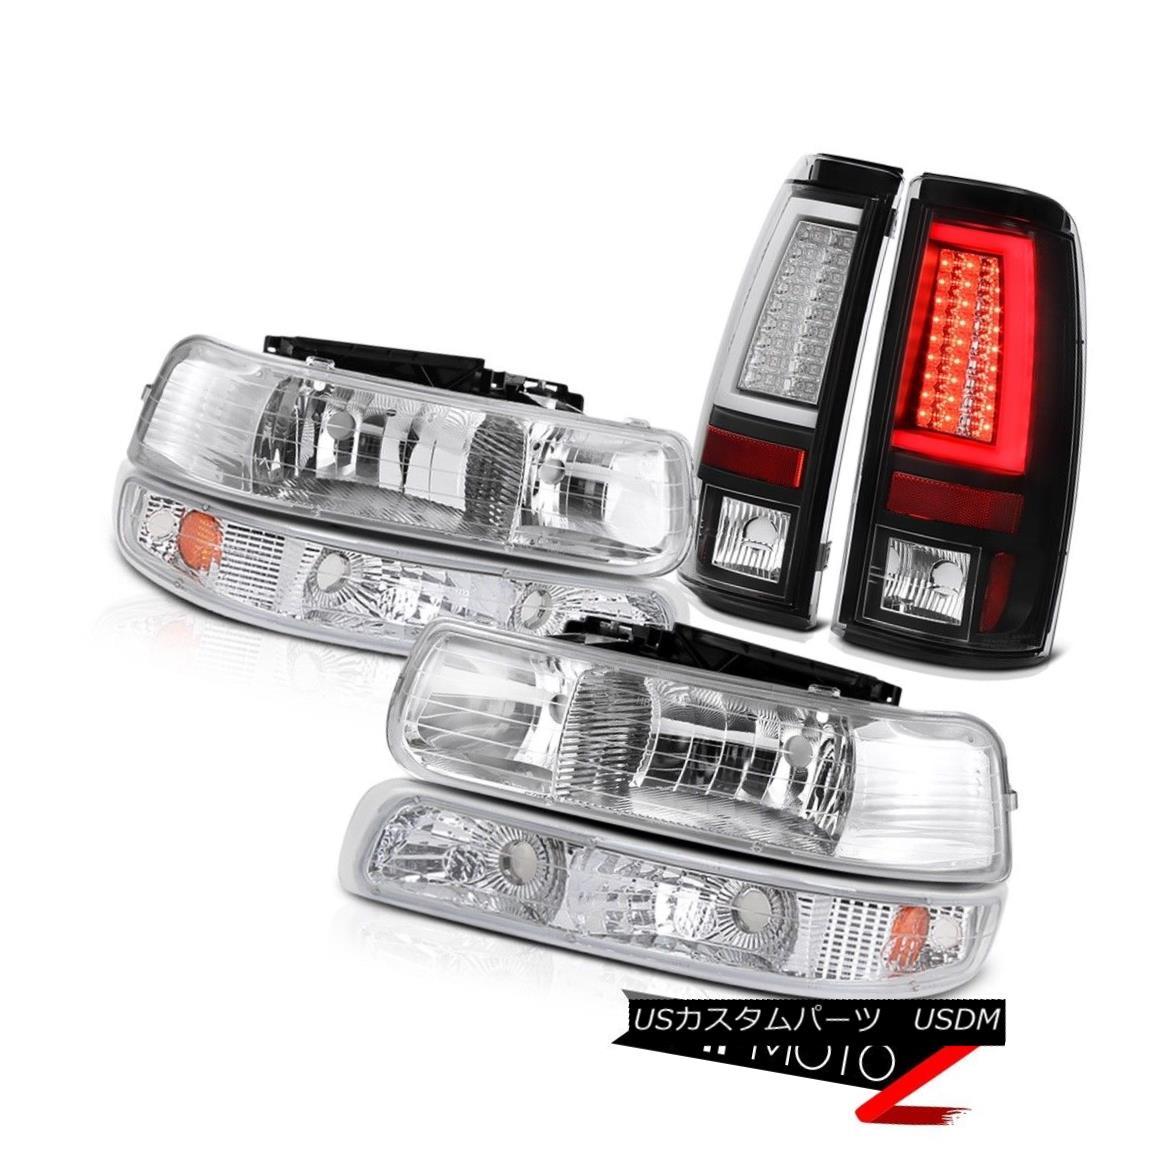 テールライト 1999-2002 Silverado LT Taillamps Headlights Signal Lamp Tron Tube Replacement 1999-2002 Silverado LT Taillampsヘッドライト信号ランプTronチューブの交換